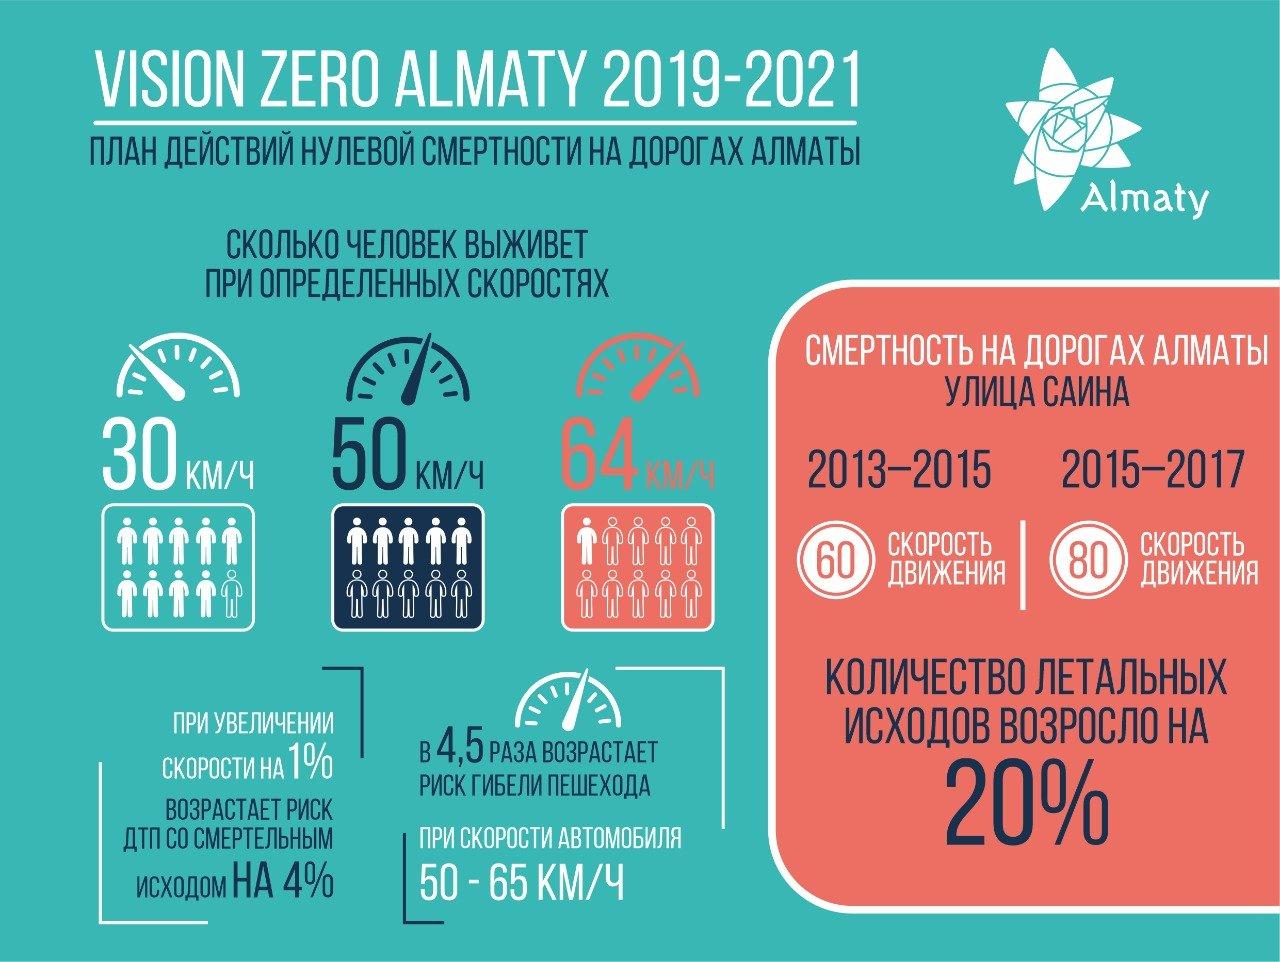 План нулевой смертности на дорогах вводят в Алматы, фото-1